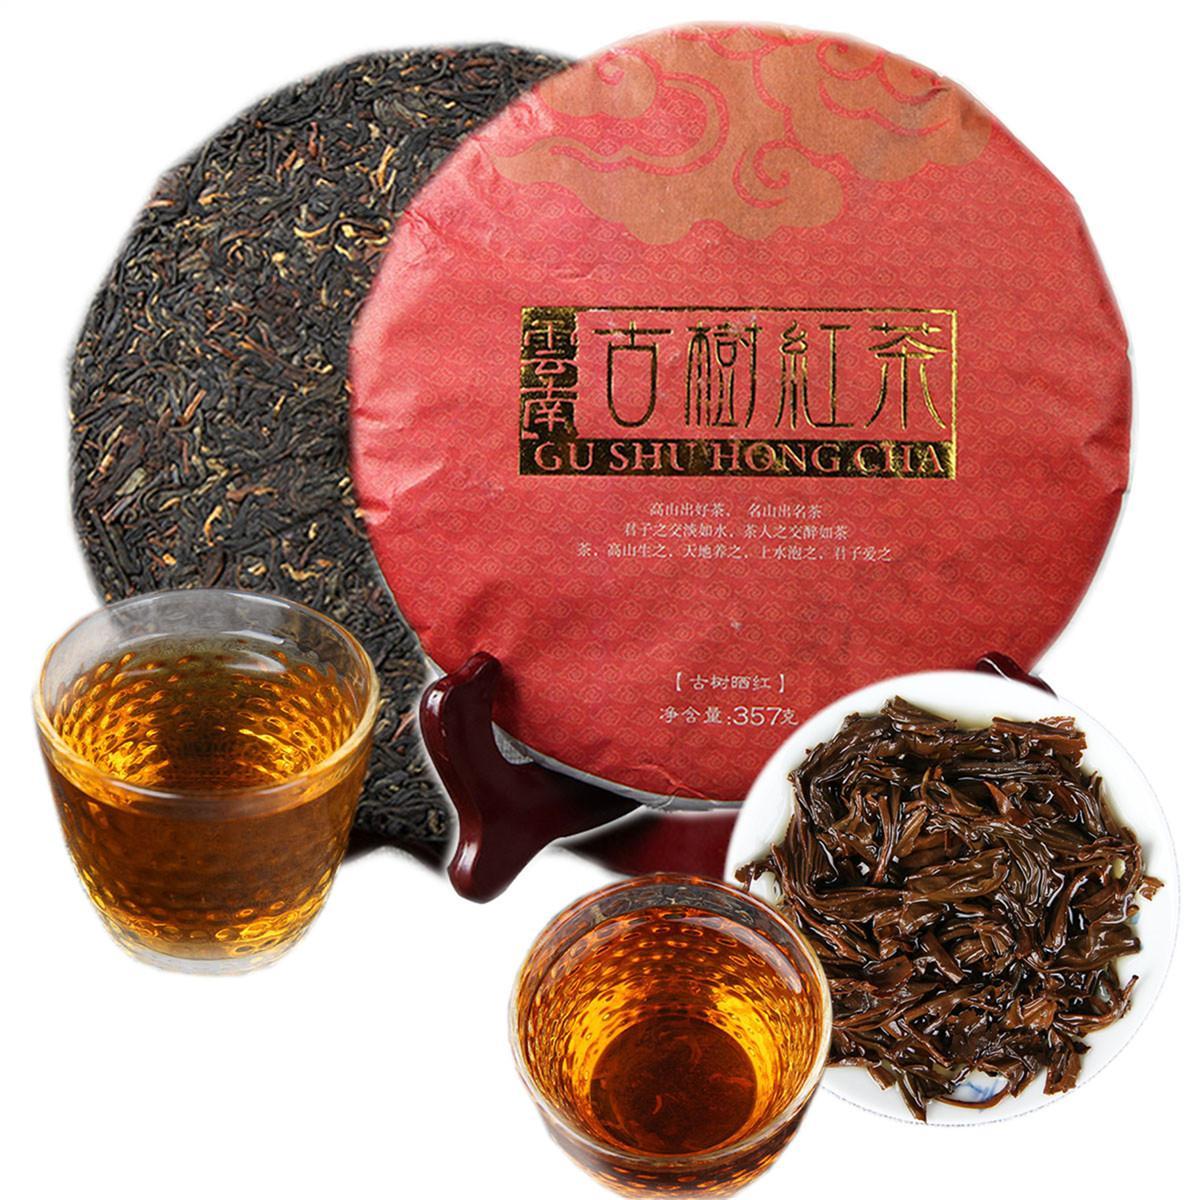 Продвижение 357 г Юньнань древнее дерево спелый Пуэр чай торт органический натуральный черный пуэр чай старое дерево приготовленный Пуэр чай